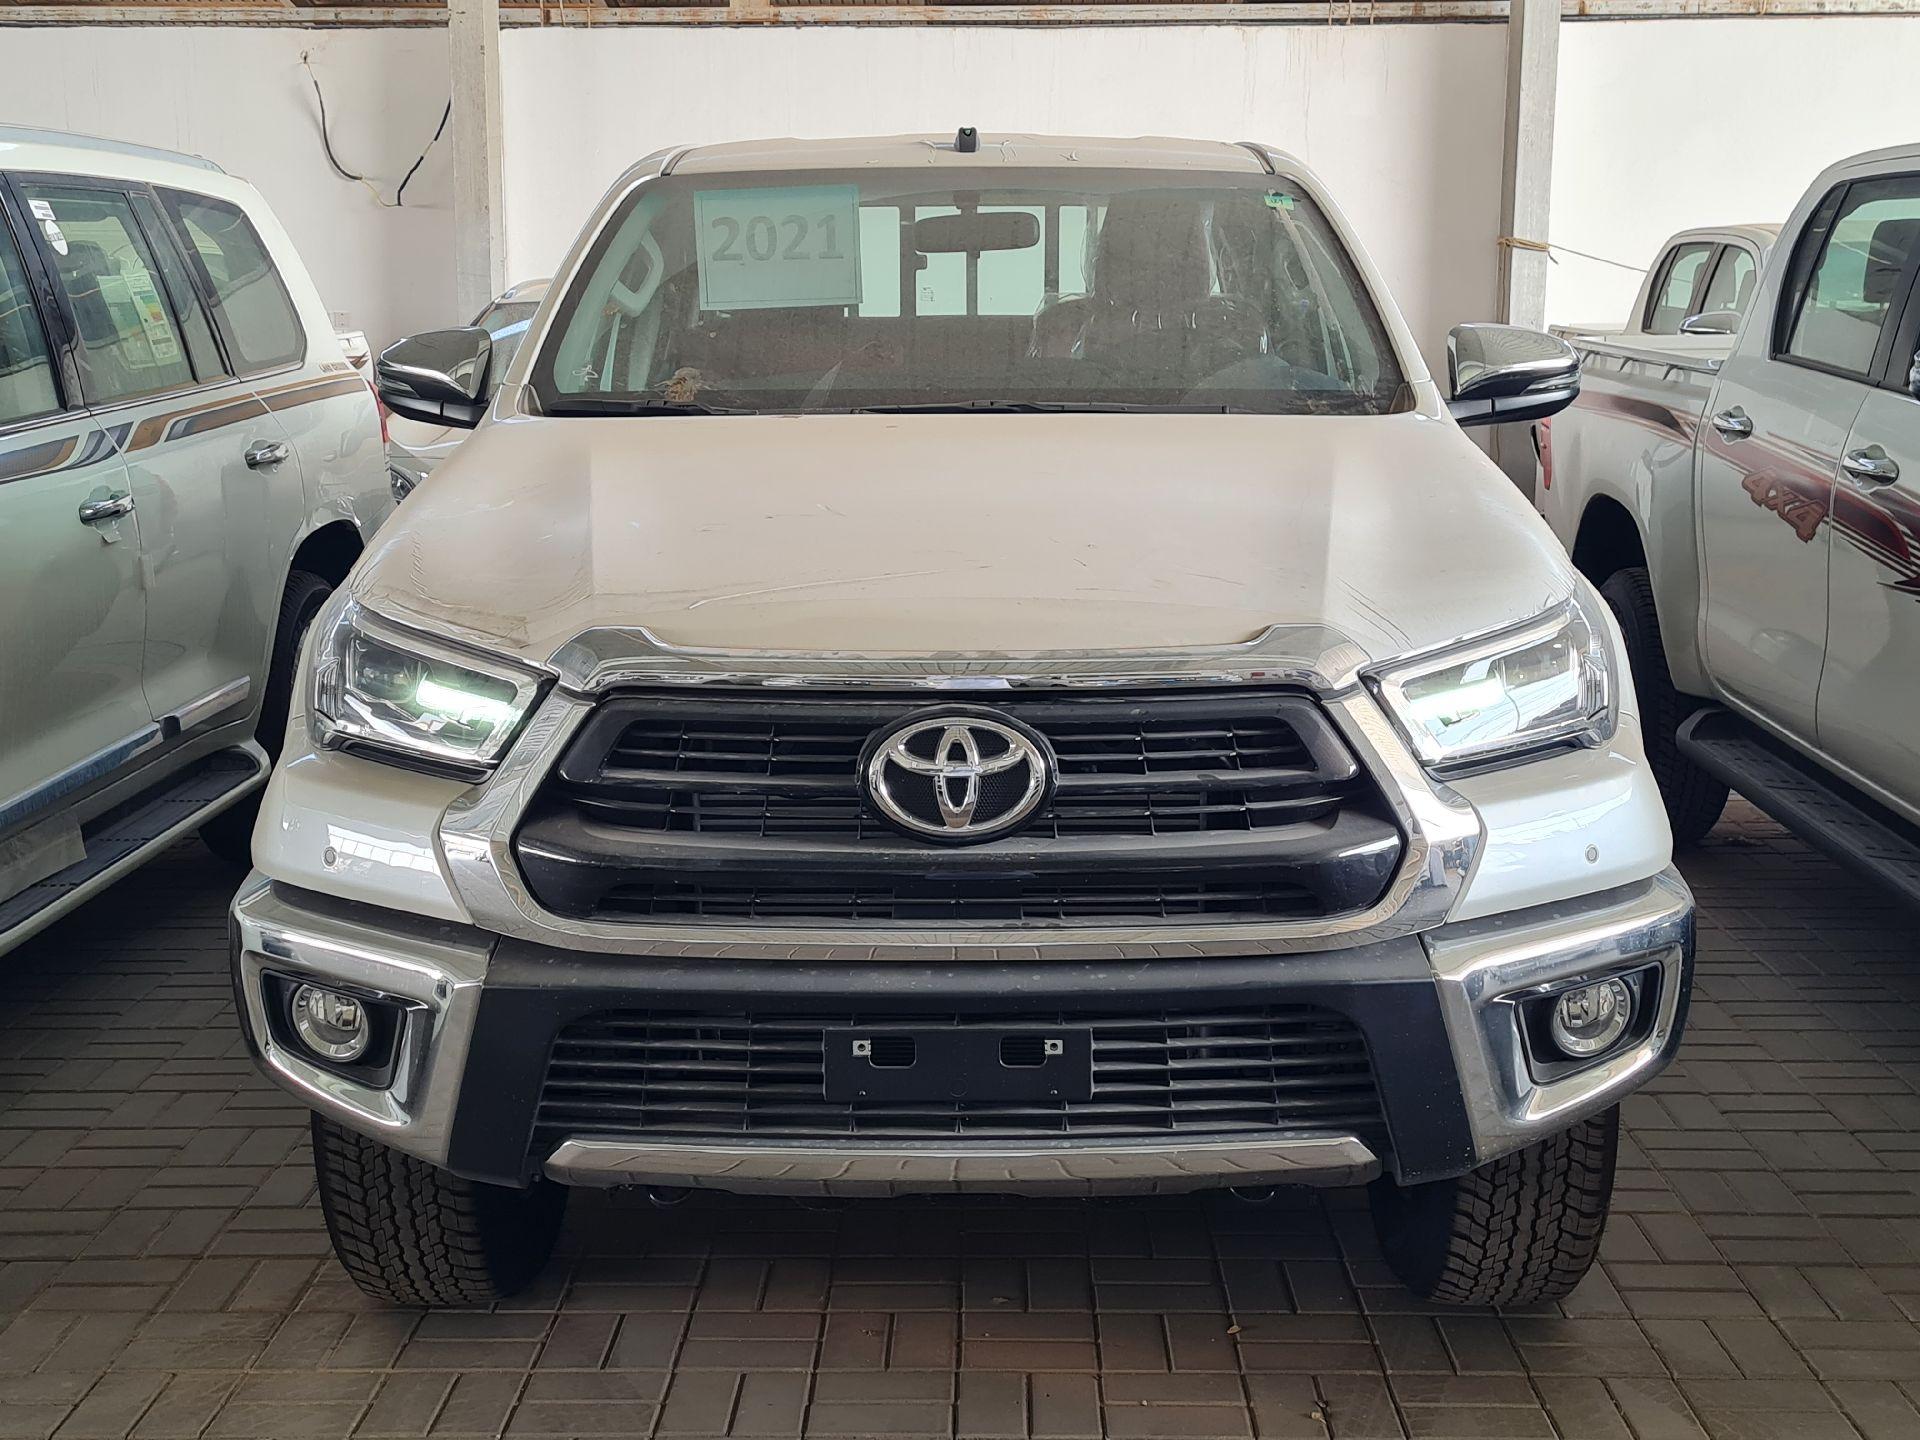 تويوتا هايلكس 2021 للبيع للبيع في الرياض - السعودية - صورة كبيرة - 3